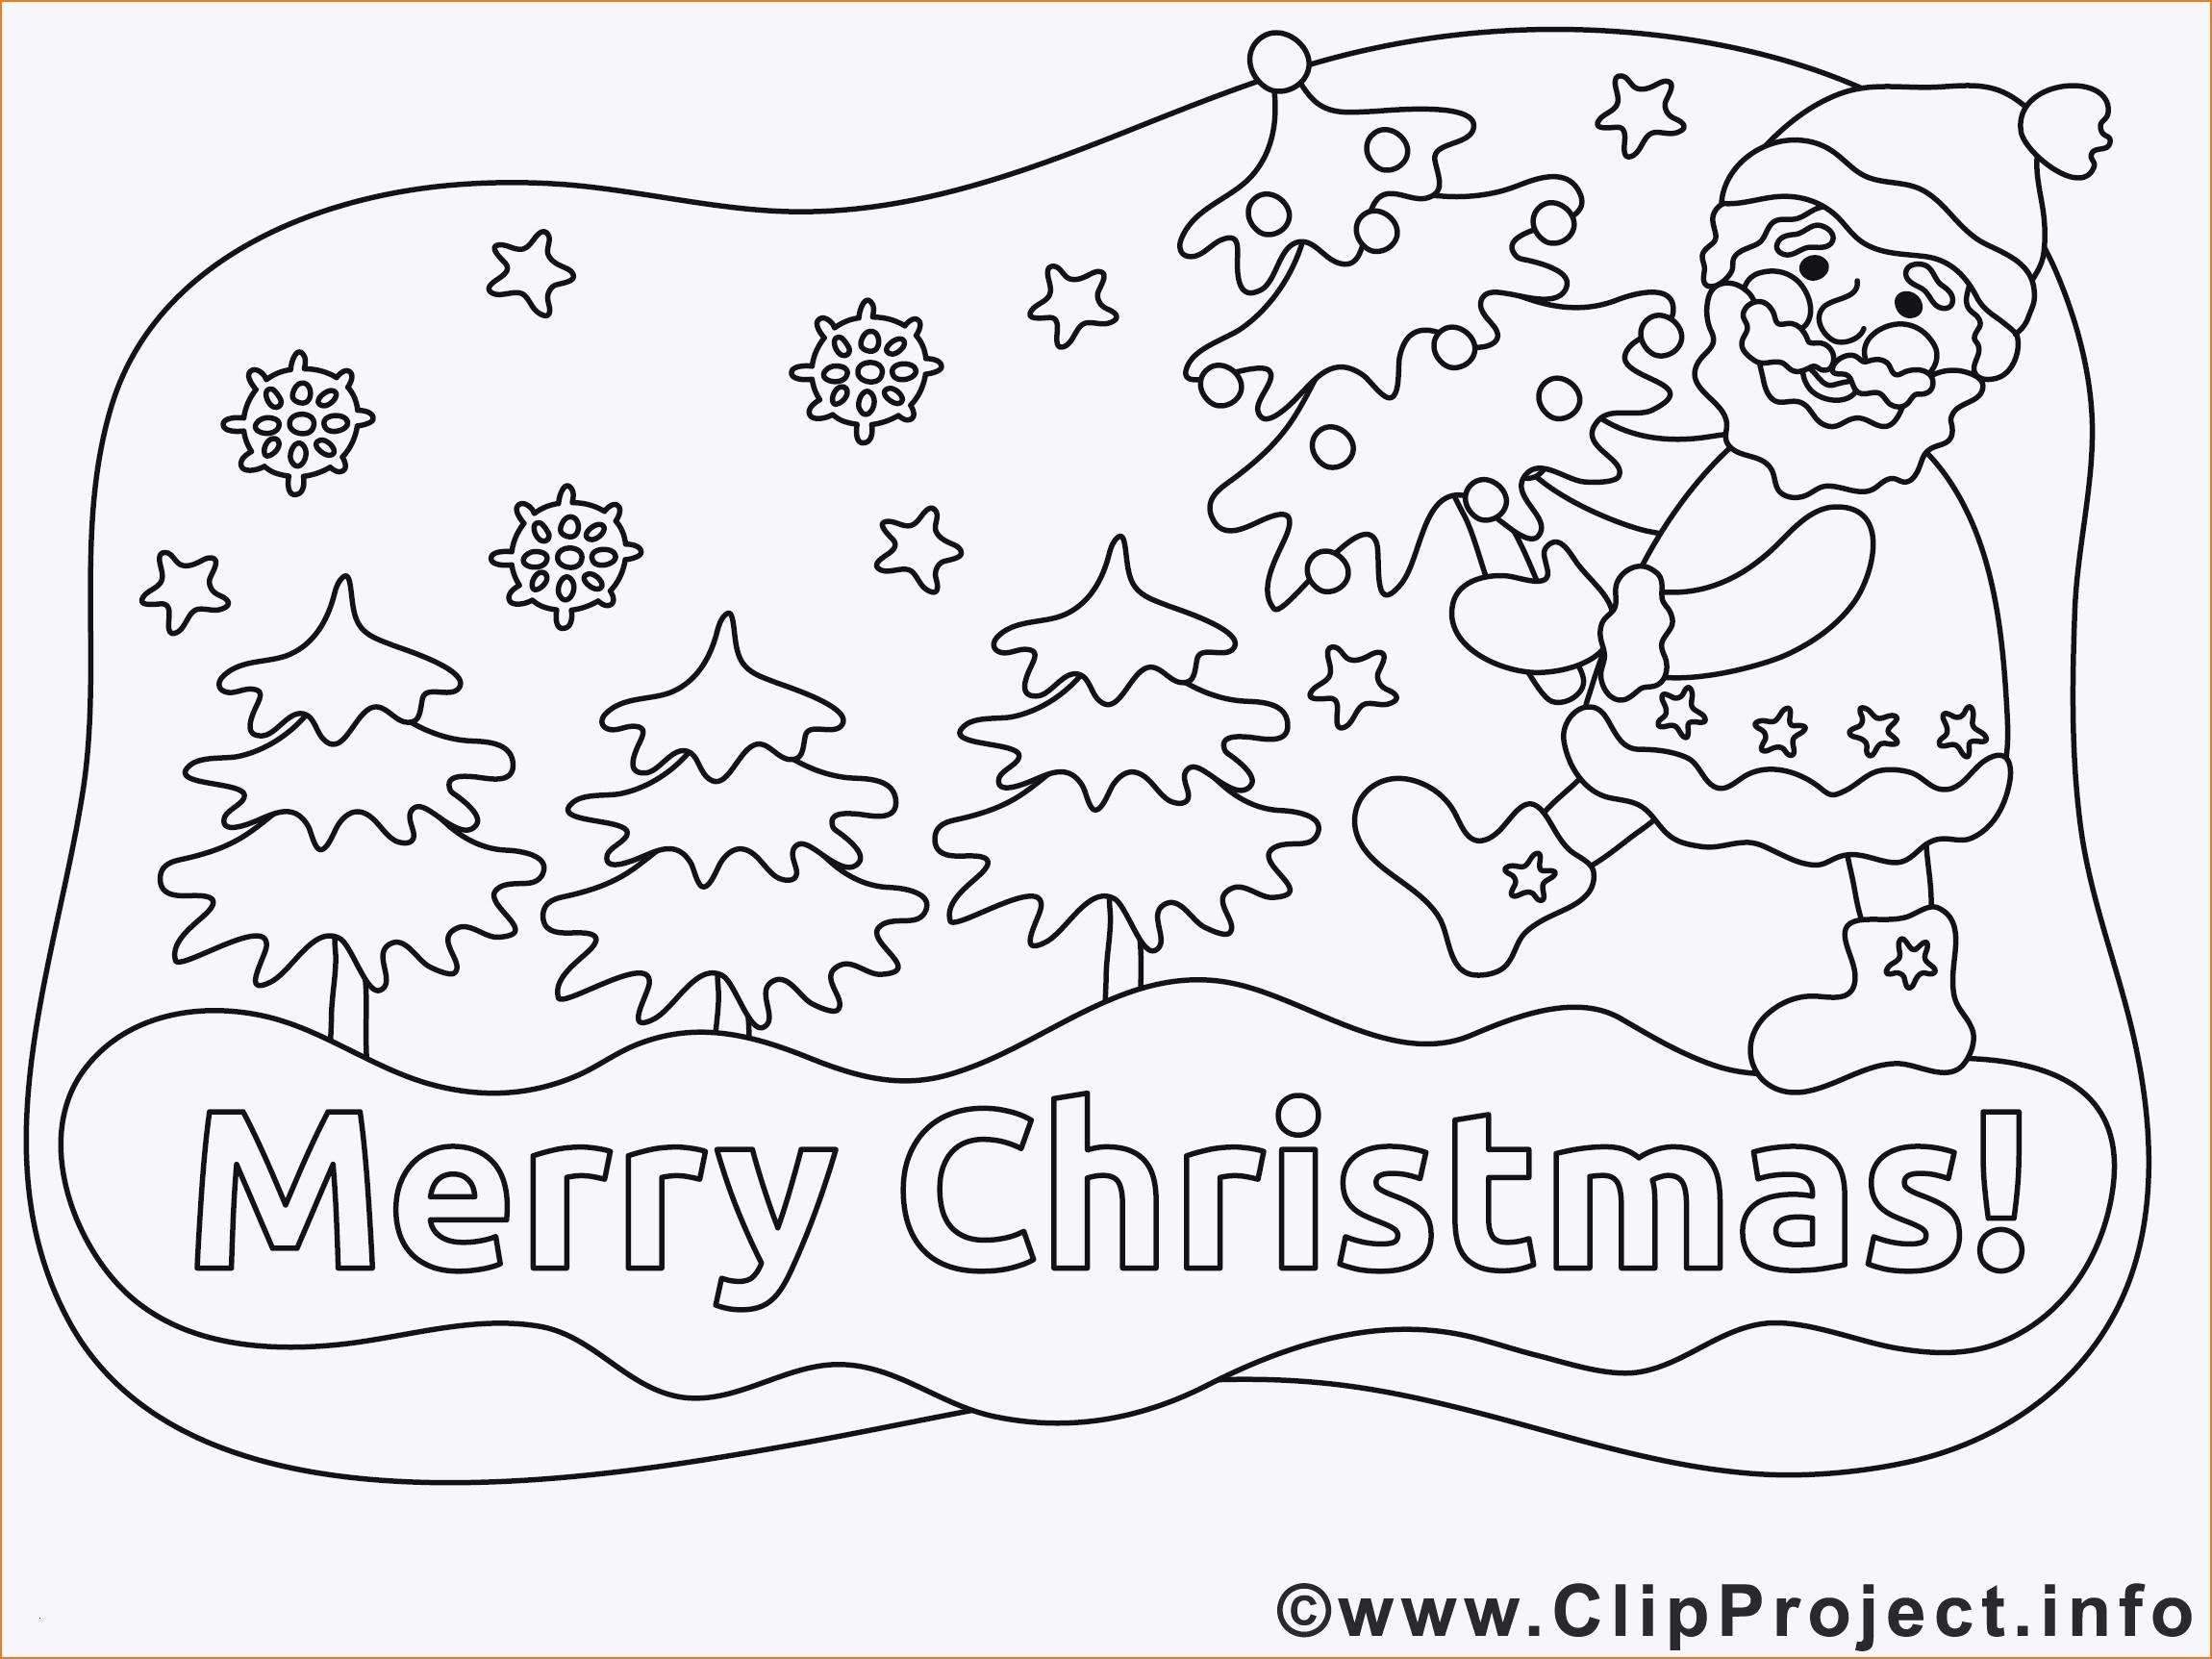 Ausmalbilder Weihnachten Für Erwachsene Frisch Ausmalbilder Weihnachten Malvorlagen Für Kinder Bild